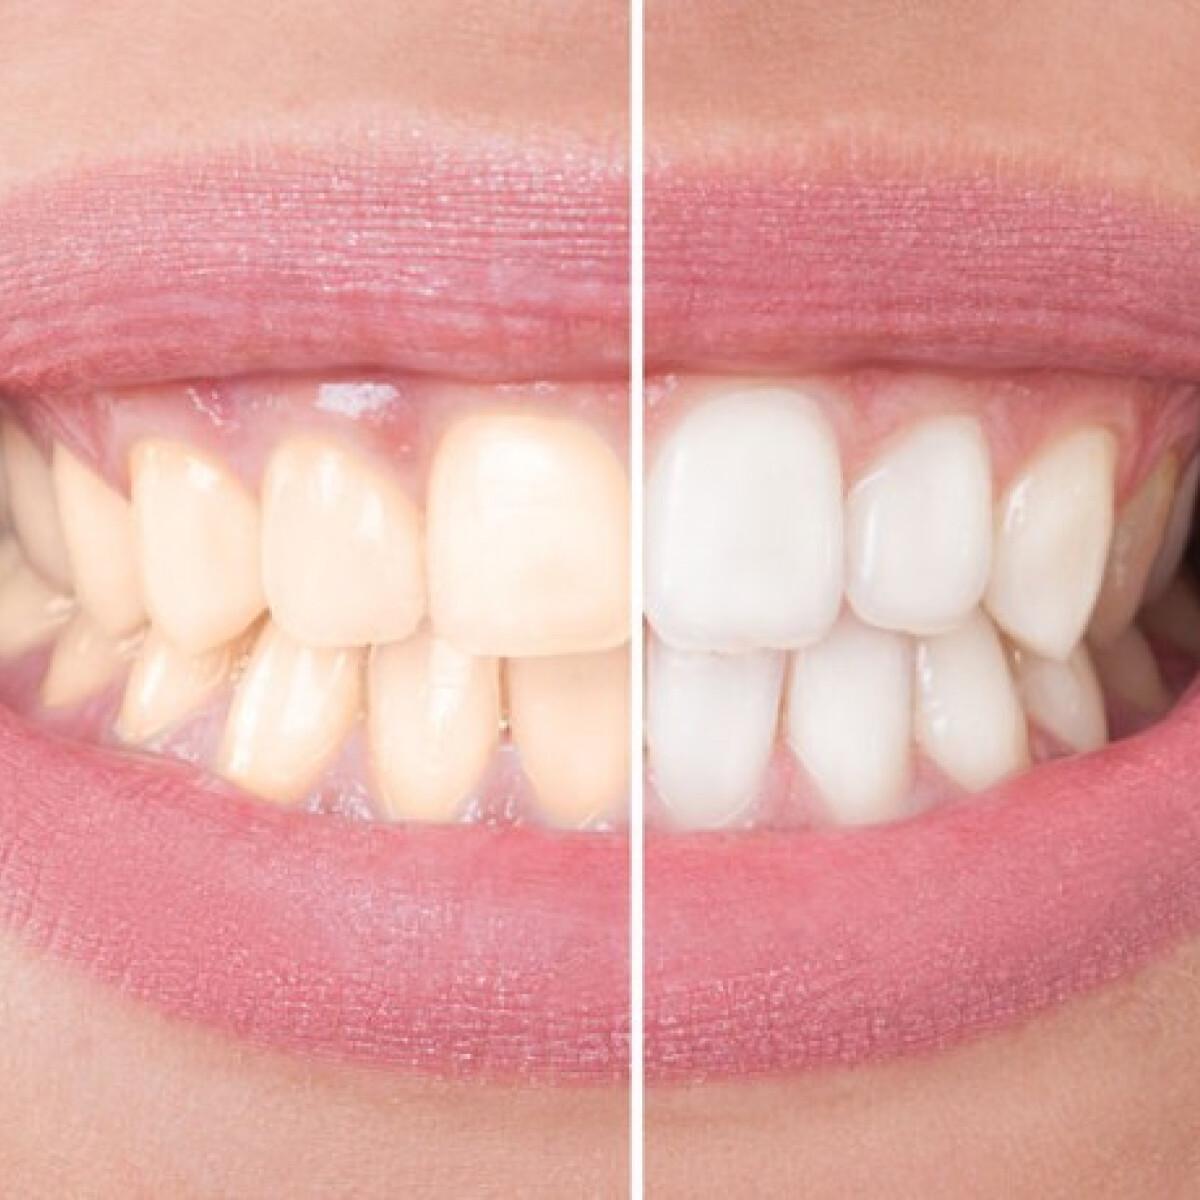 Fogfehérítő fogkrémek - vajon tényleg működnek? A fogszakorvos véleménye